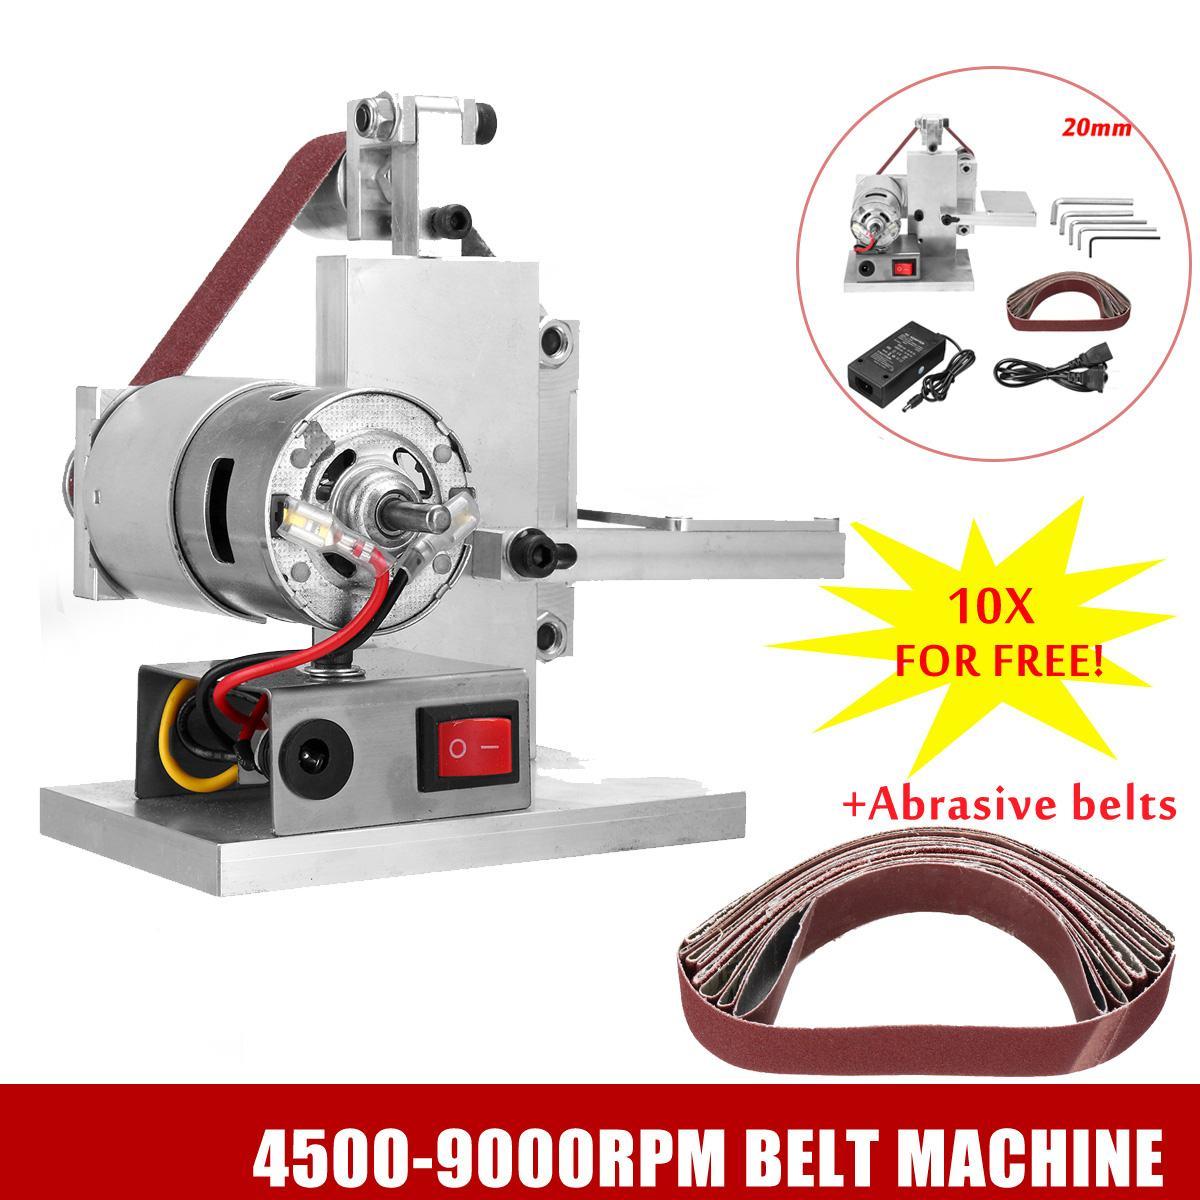 110-240V DIY Mini Belt Sander Knife Edge Sharpener Grinding Polishing Machine 60/80/120/150/180/240/320/400/600/800 Mesh